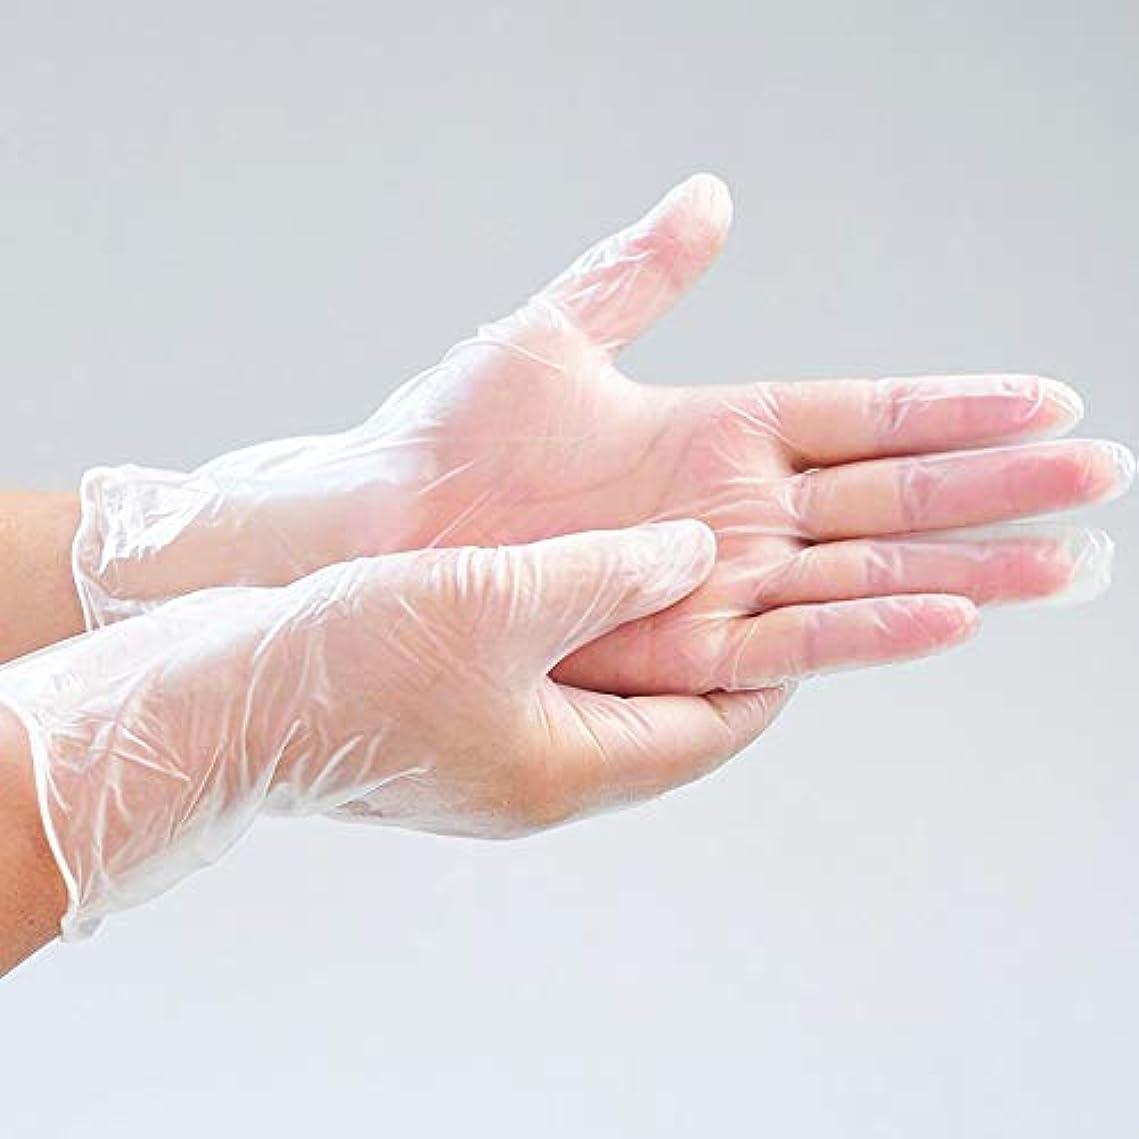 抑制するトーンスパイラルOWSOO 使い捨てグローブ 使い捨て透明PVC手袋 パウダーフリー 肥厚 防水用 実用 衛生 使い捨て手袋 高温抵抗 引張抵抗 実験室 歯科 炊事 家事 バーベキュー ケータリング ホーム用 透明 100ピース S